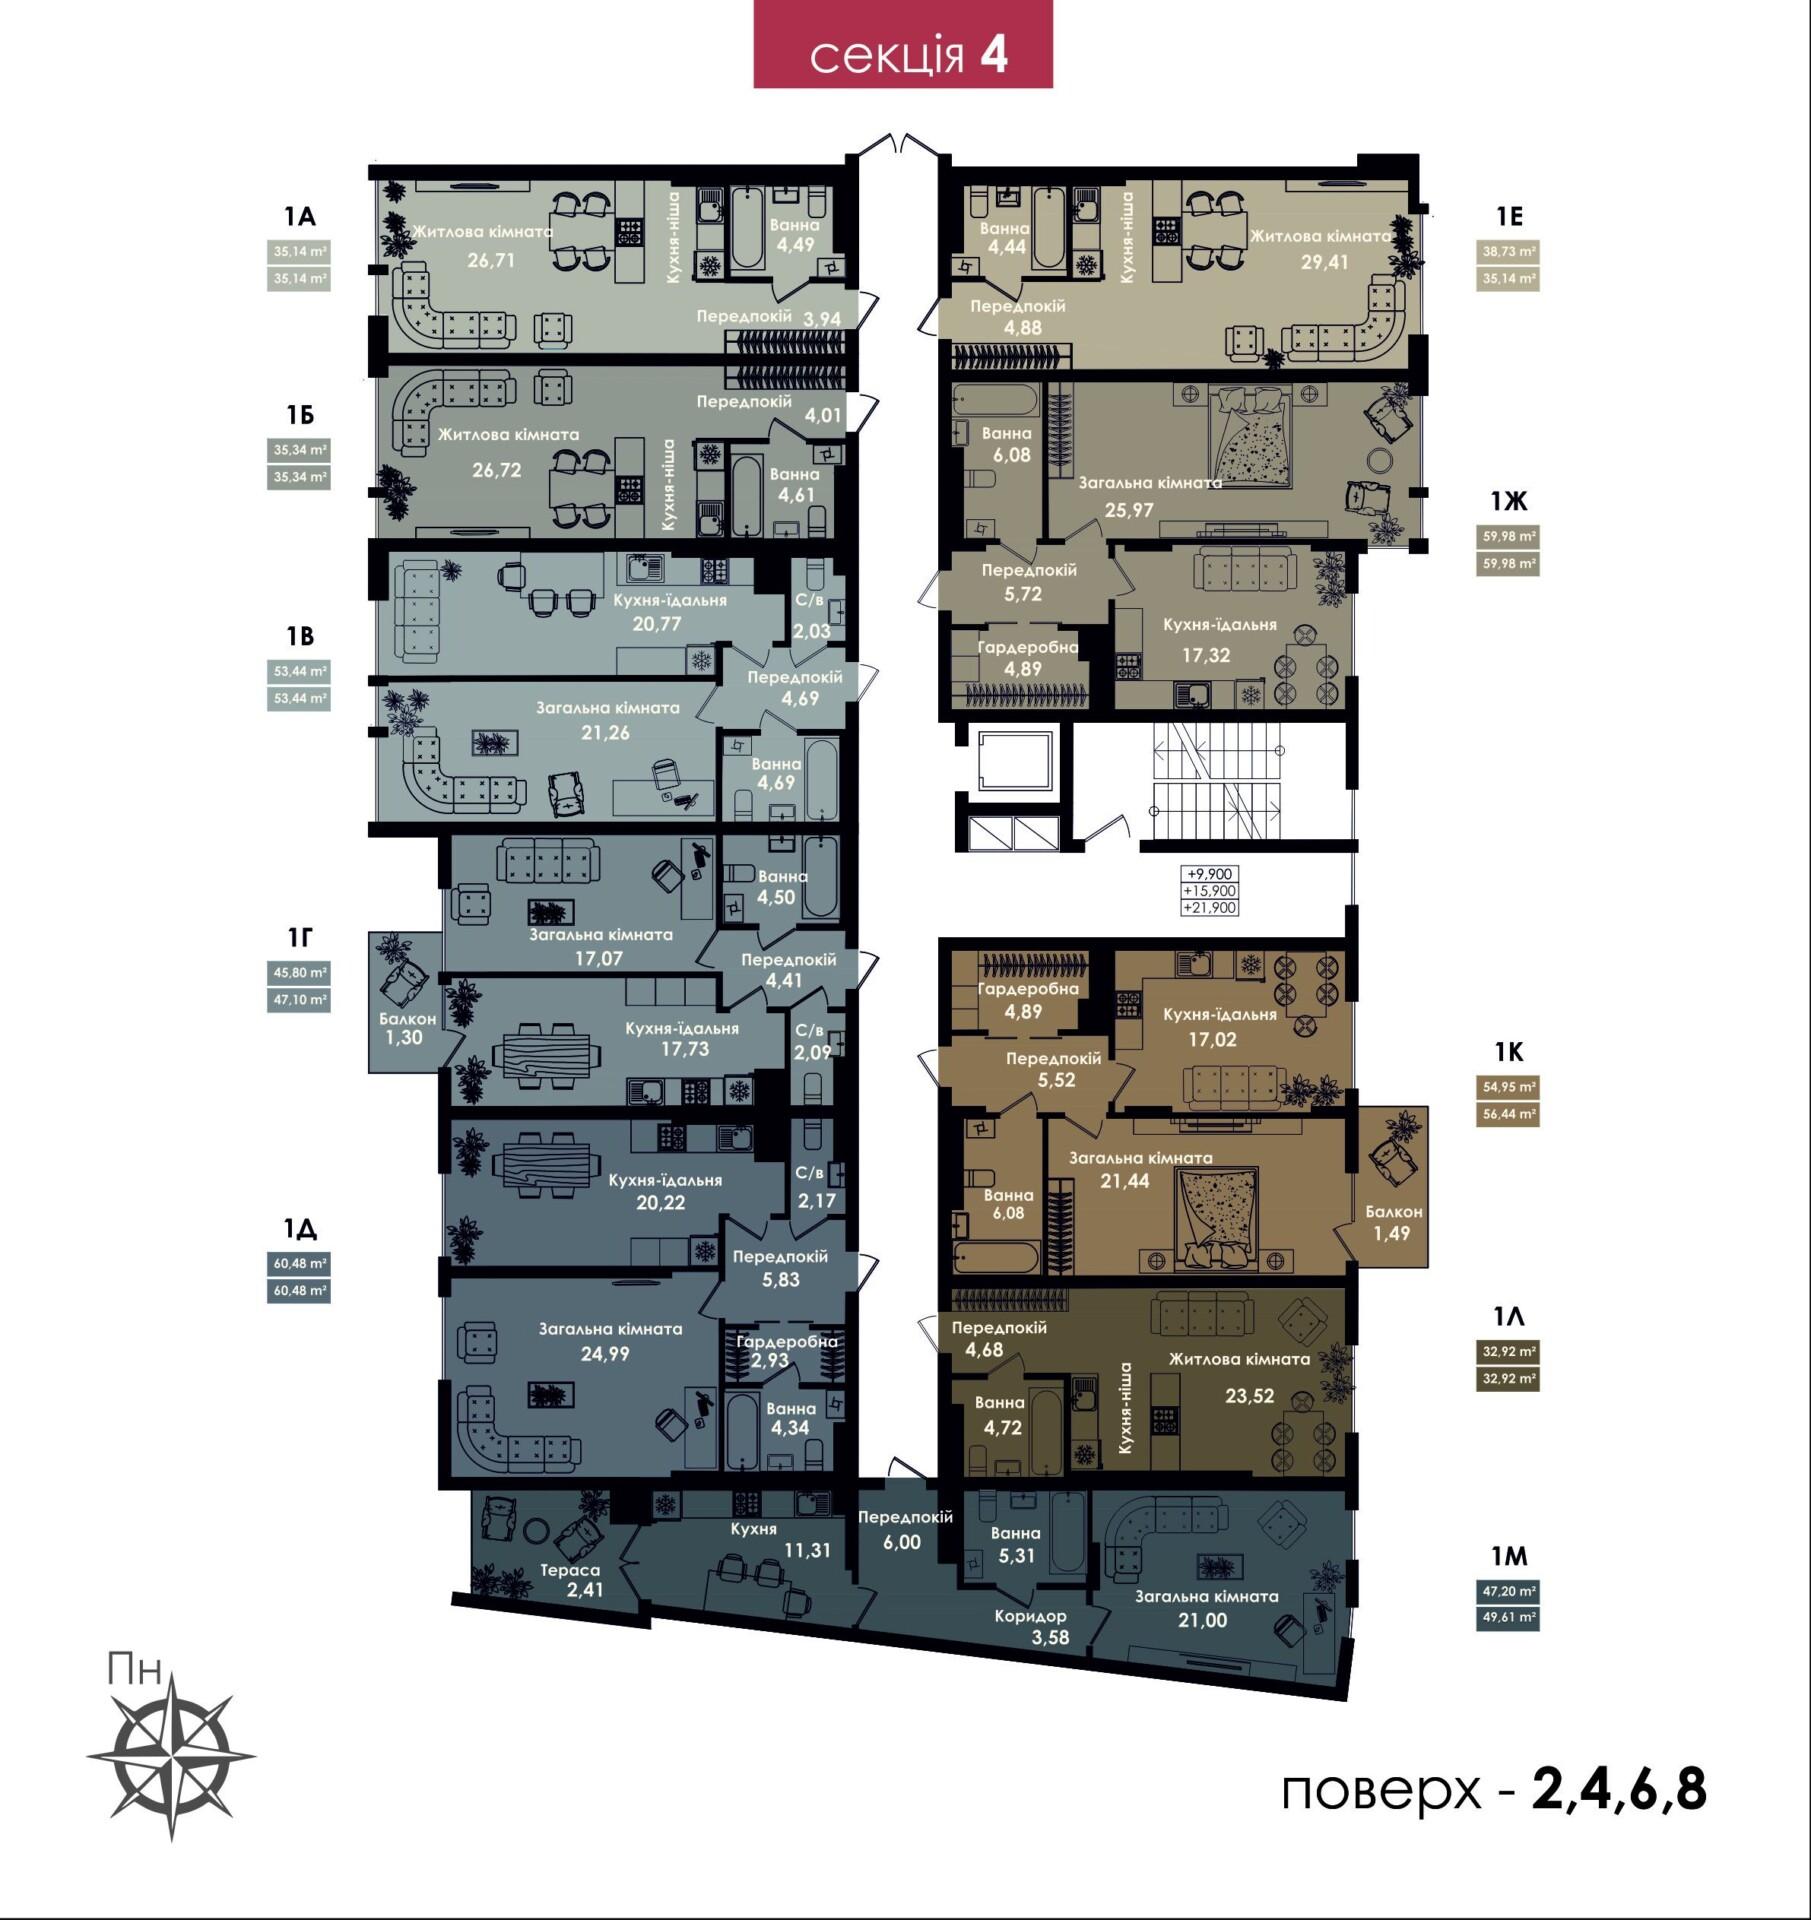 Квартира 1М, секція 4, поверх 2, 4, 6, 8